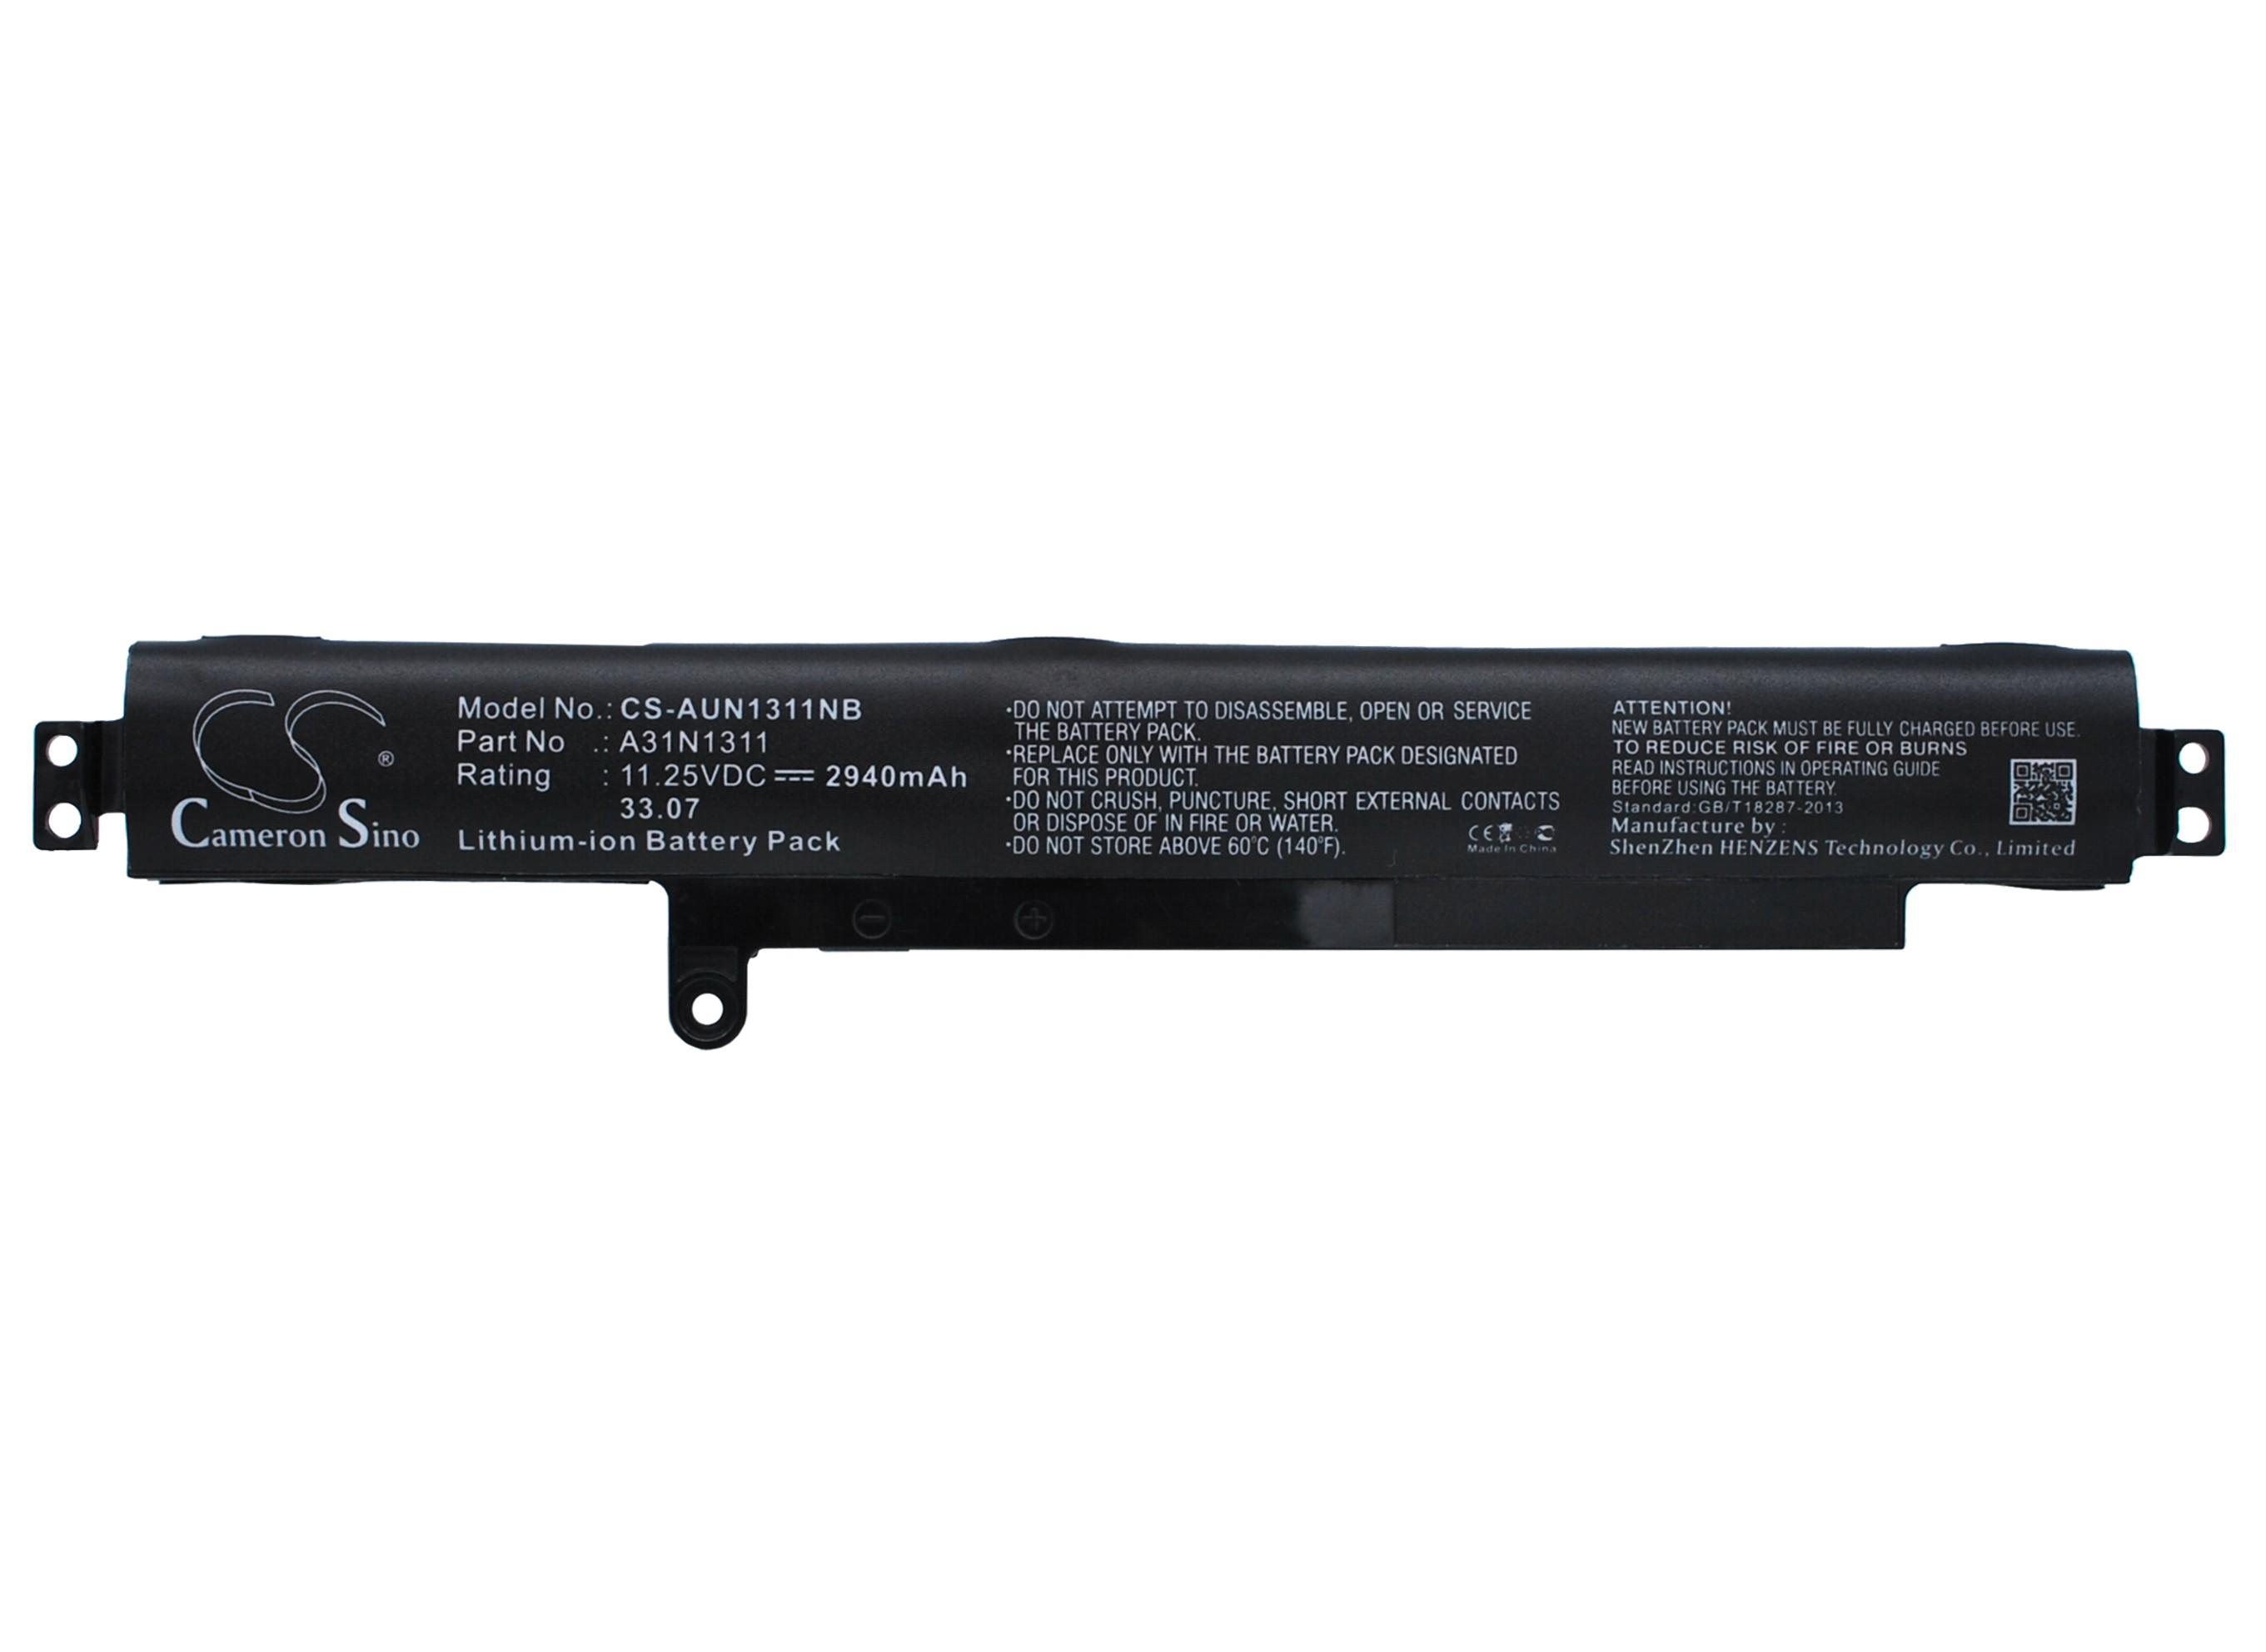 Cameron Sino baterie do notebooků pro ASUS F102BA-SH41T 11.25V Li-ion 2940mAh černá - neoriginální